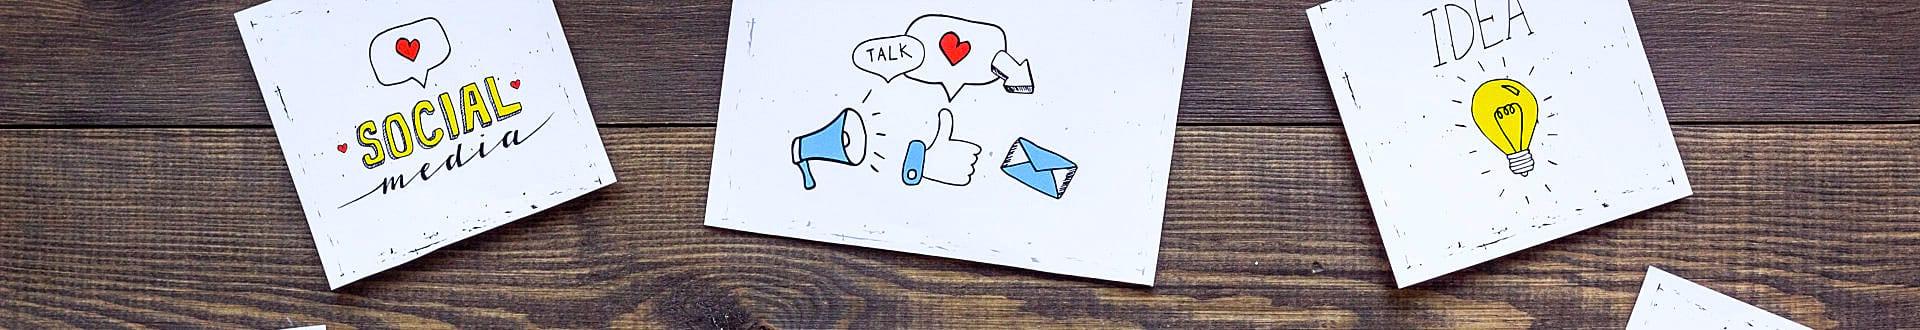 social media and idea concept